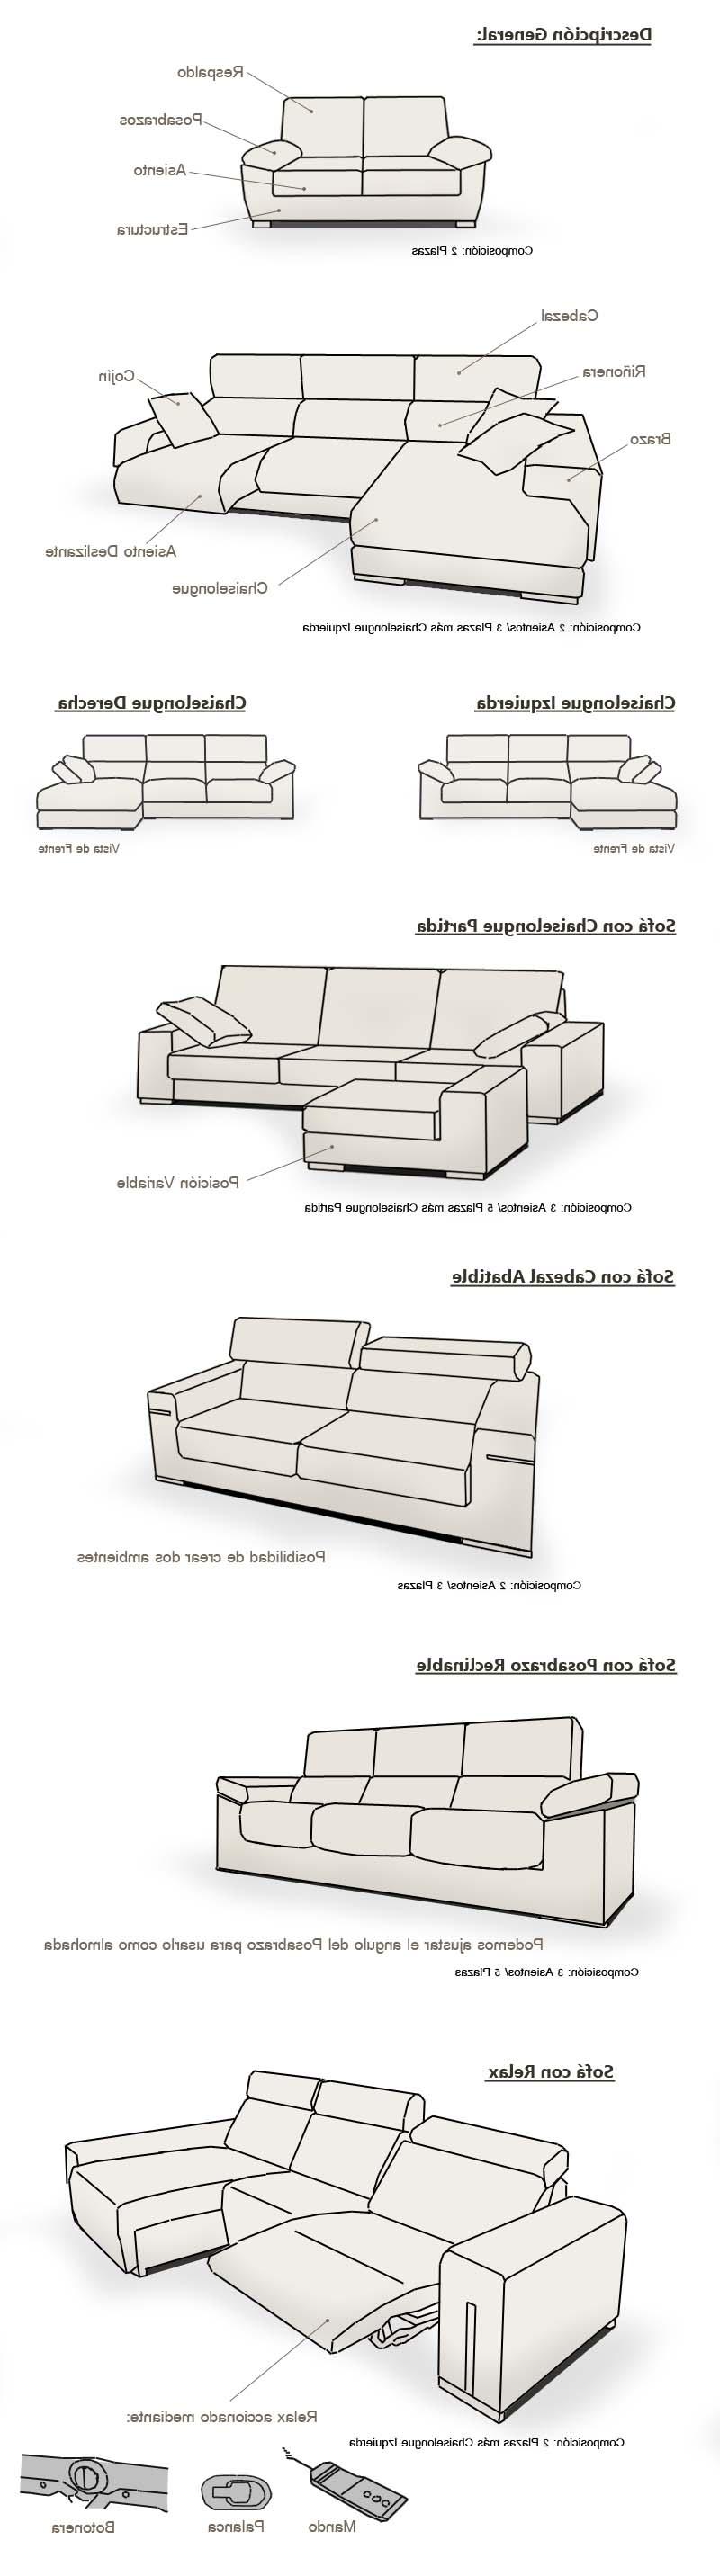 Partes De Un sofa Tqd3 Partes De Un sofÃ